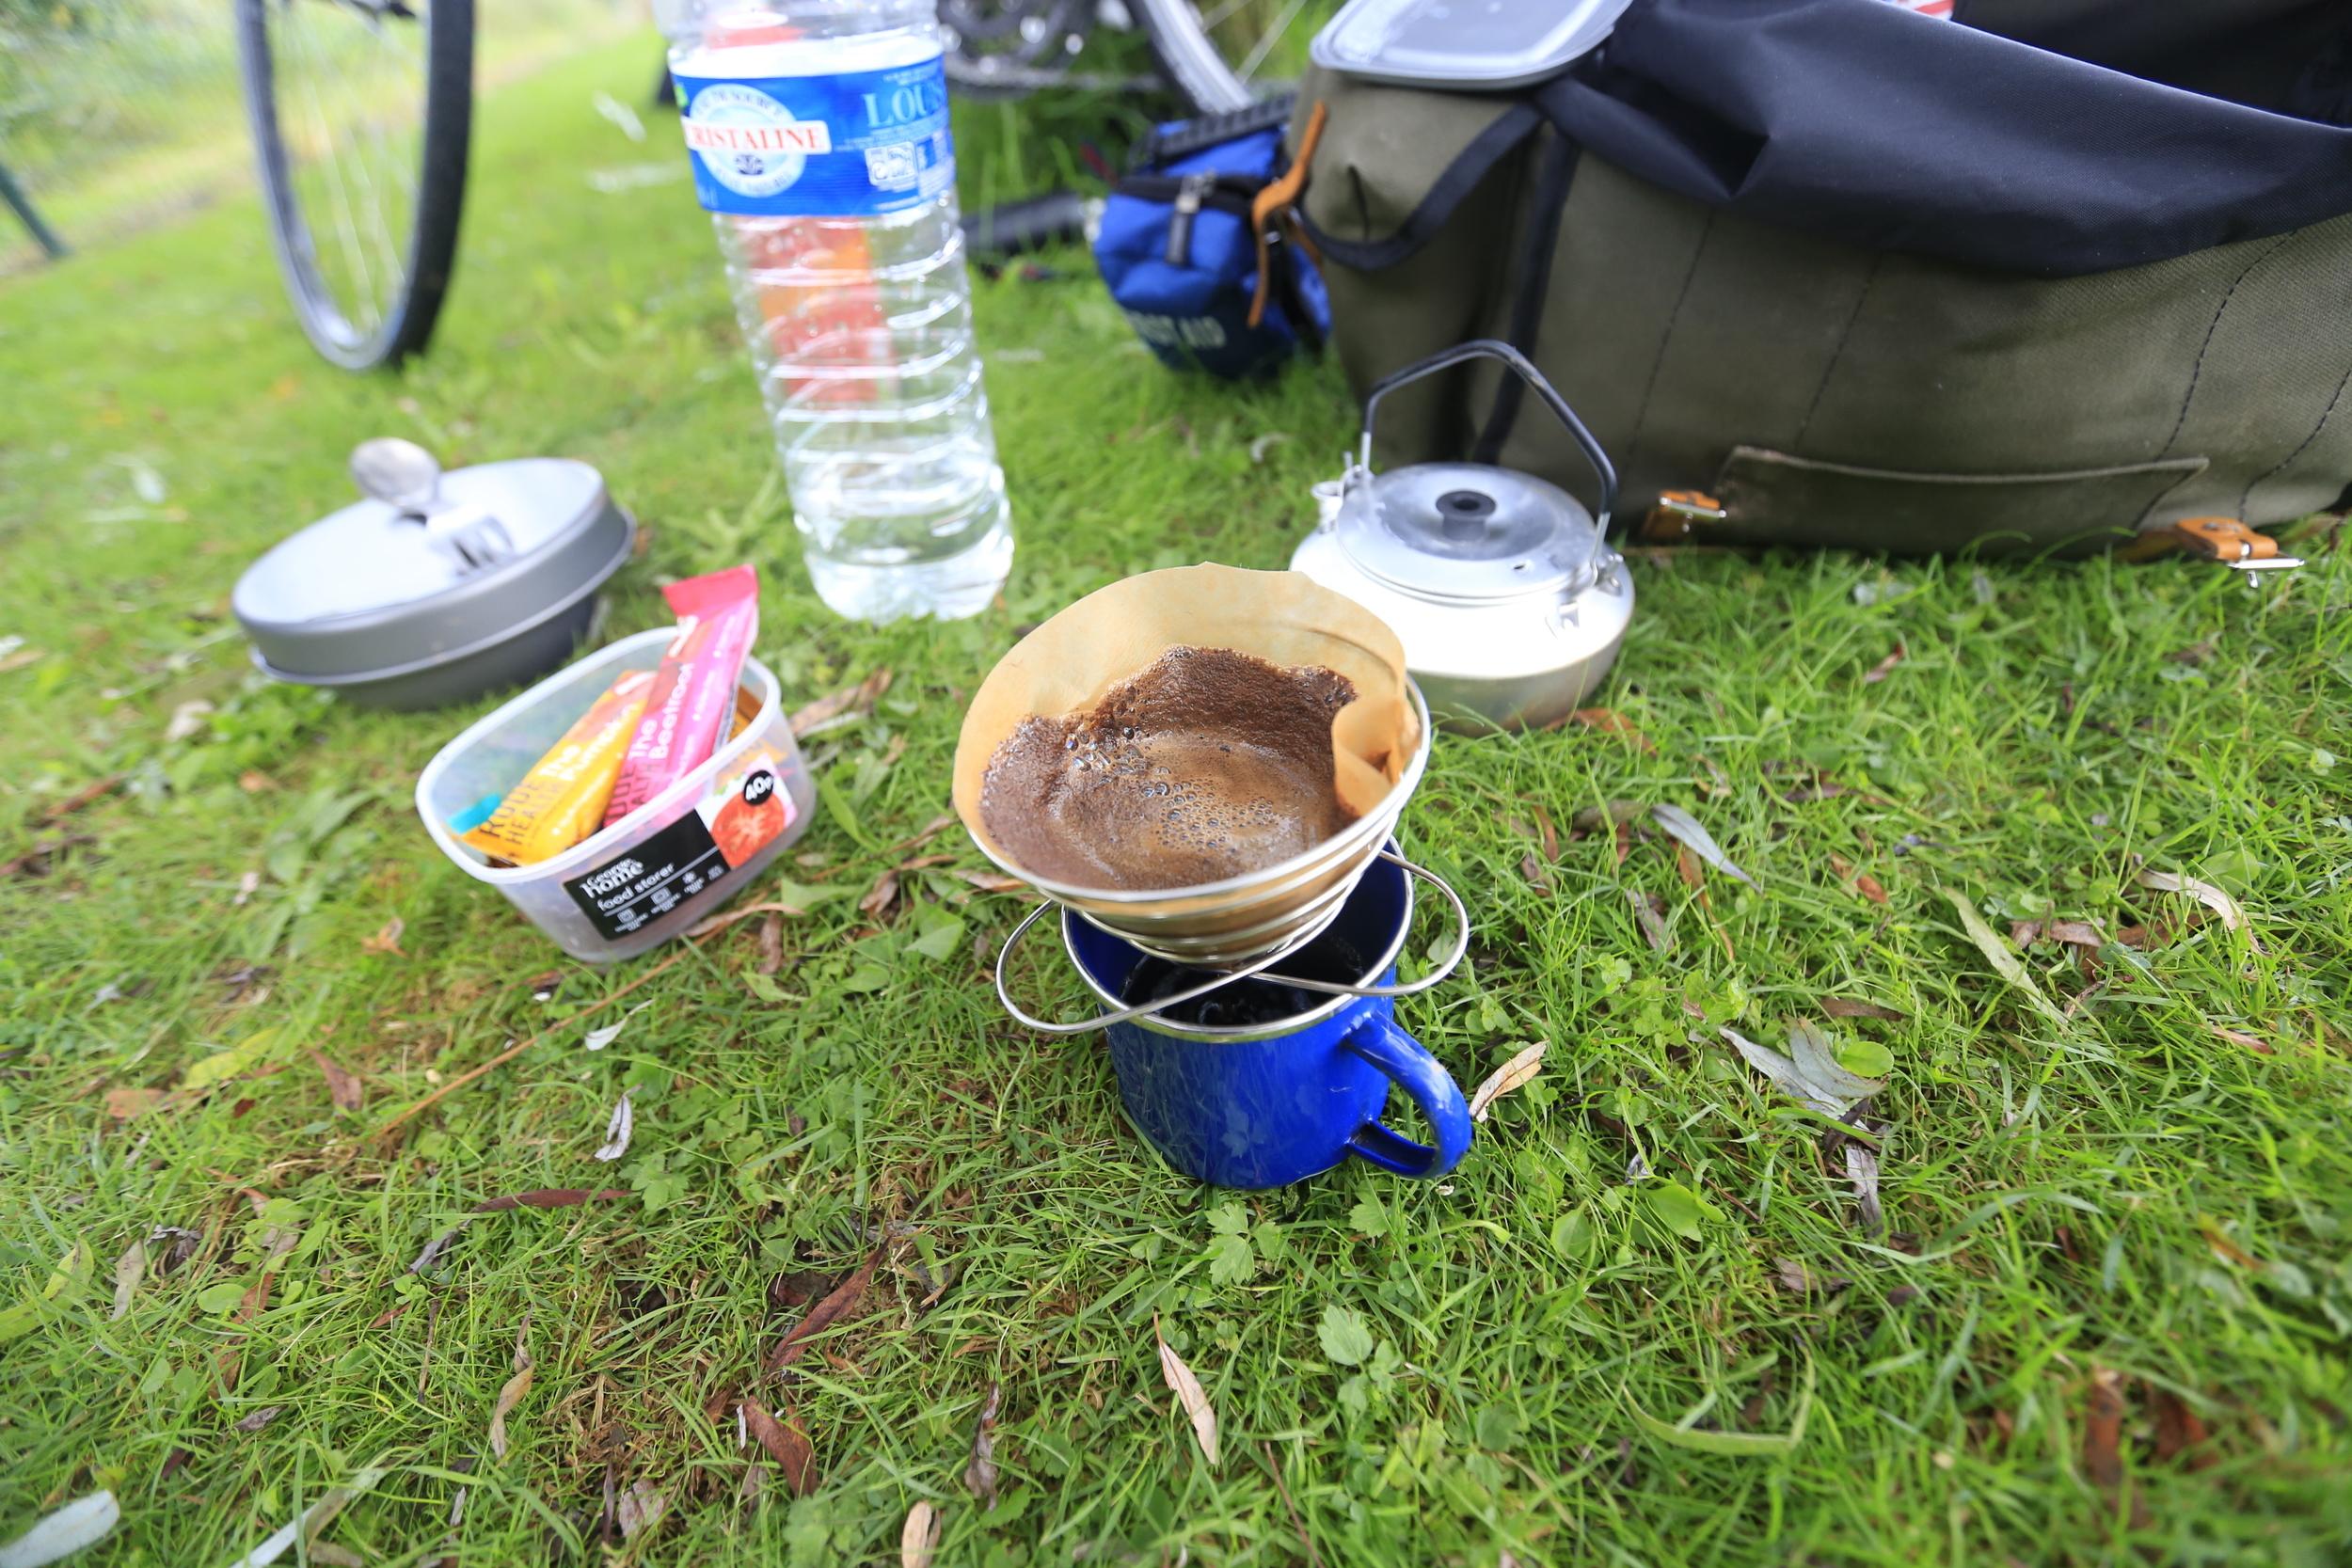 soto, soto helix, soto helix coffee maker, coffee maker, bikepacking coffee, bicycle touring coffee, best coffee, vagabond, vagabond roasters, vagabond london, coffee roasters, coffee blog, coffee photography